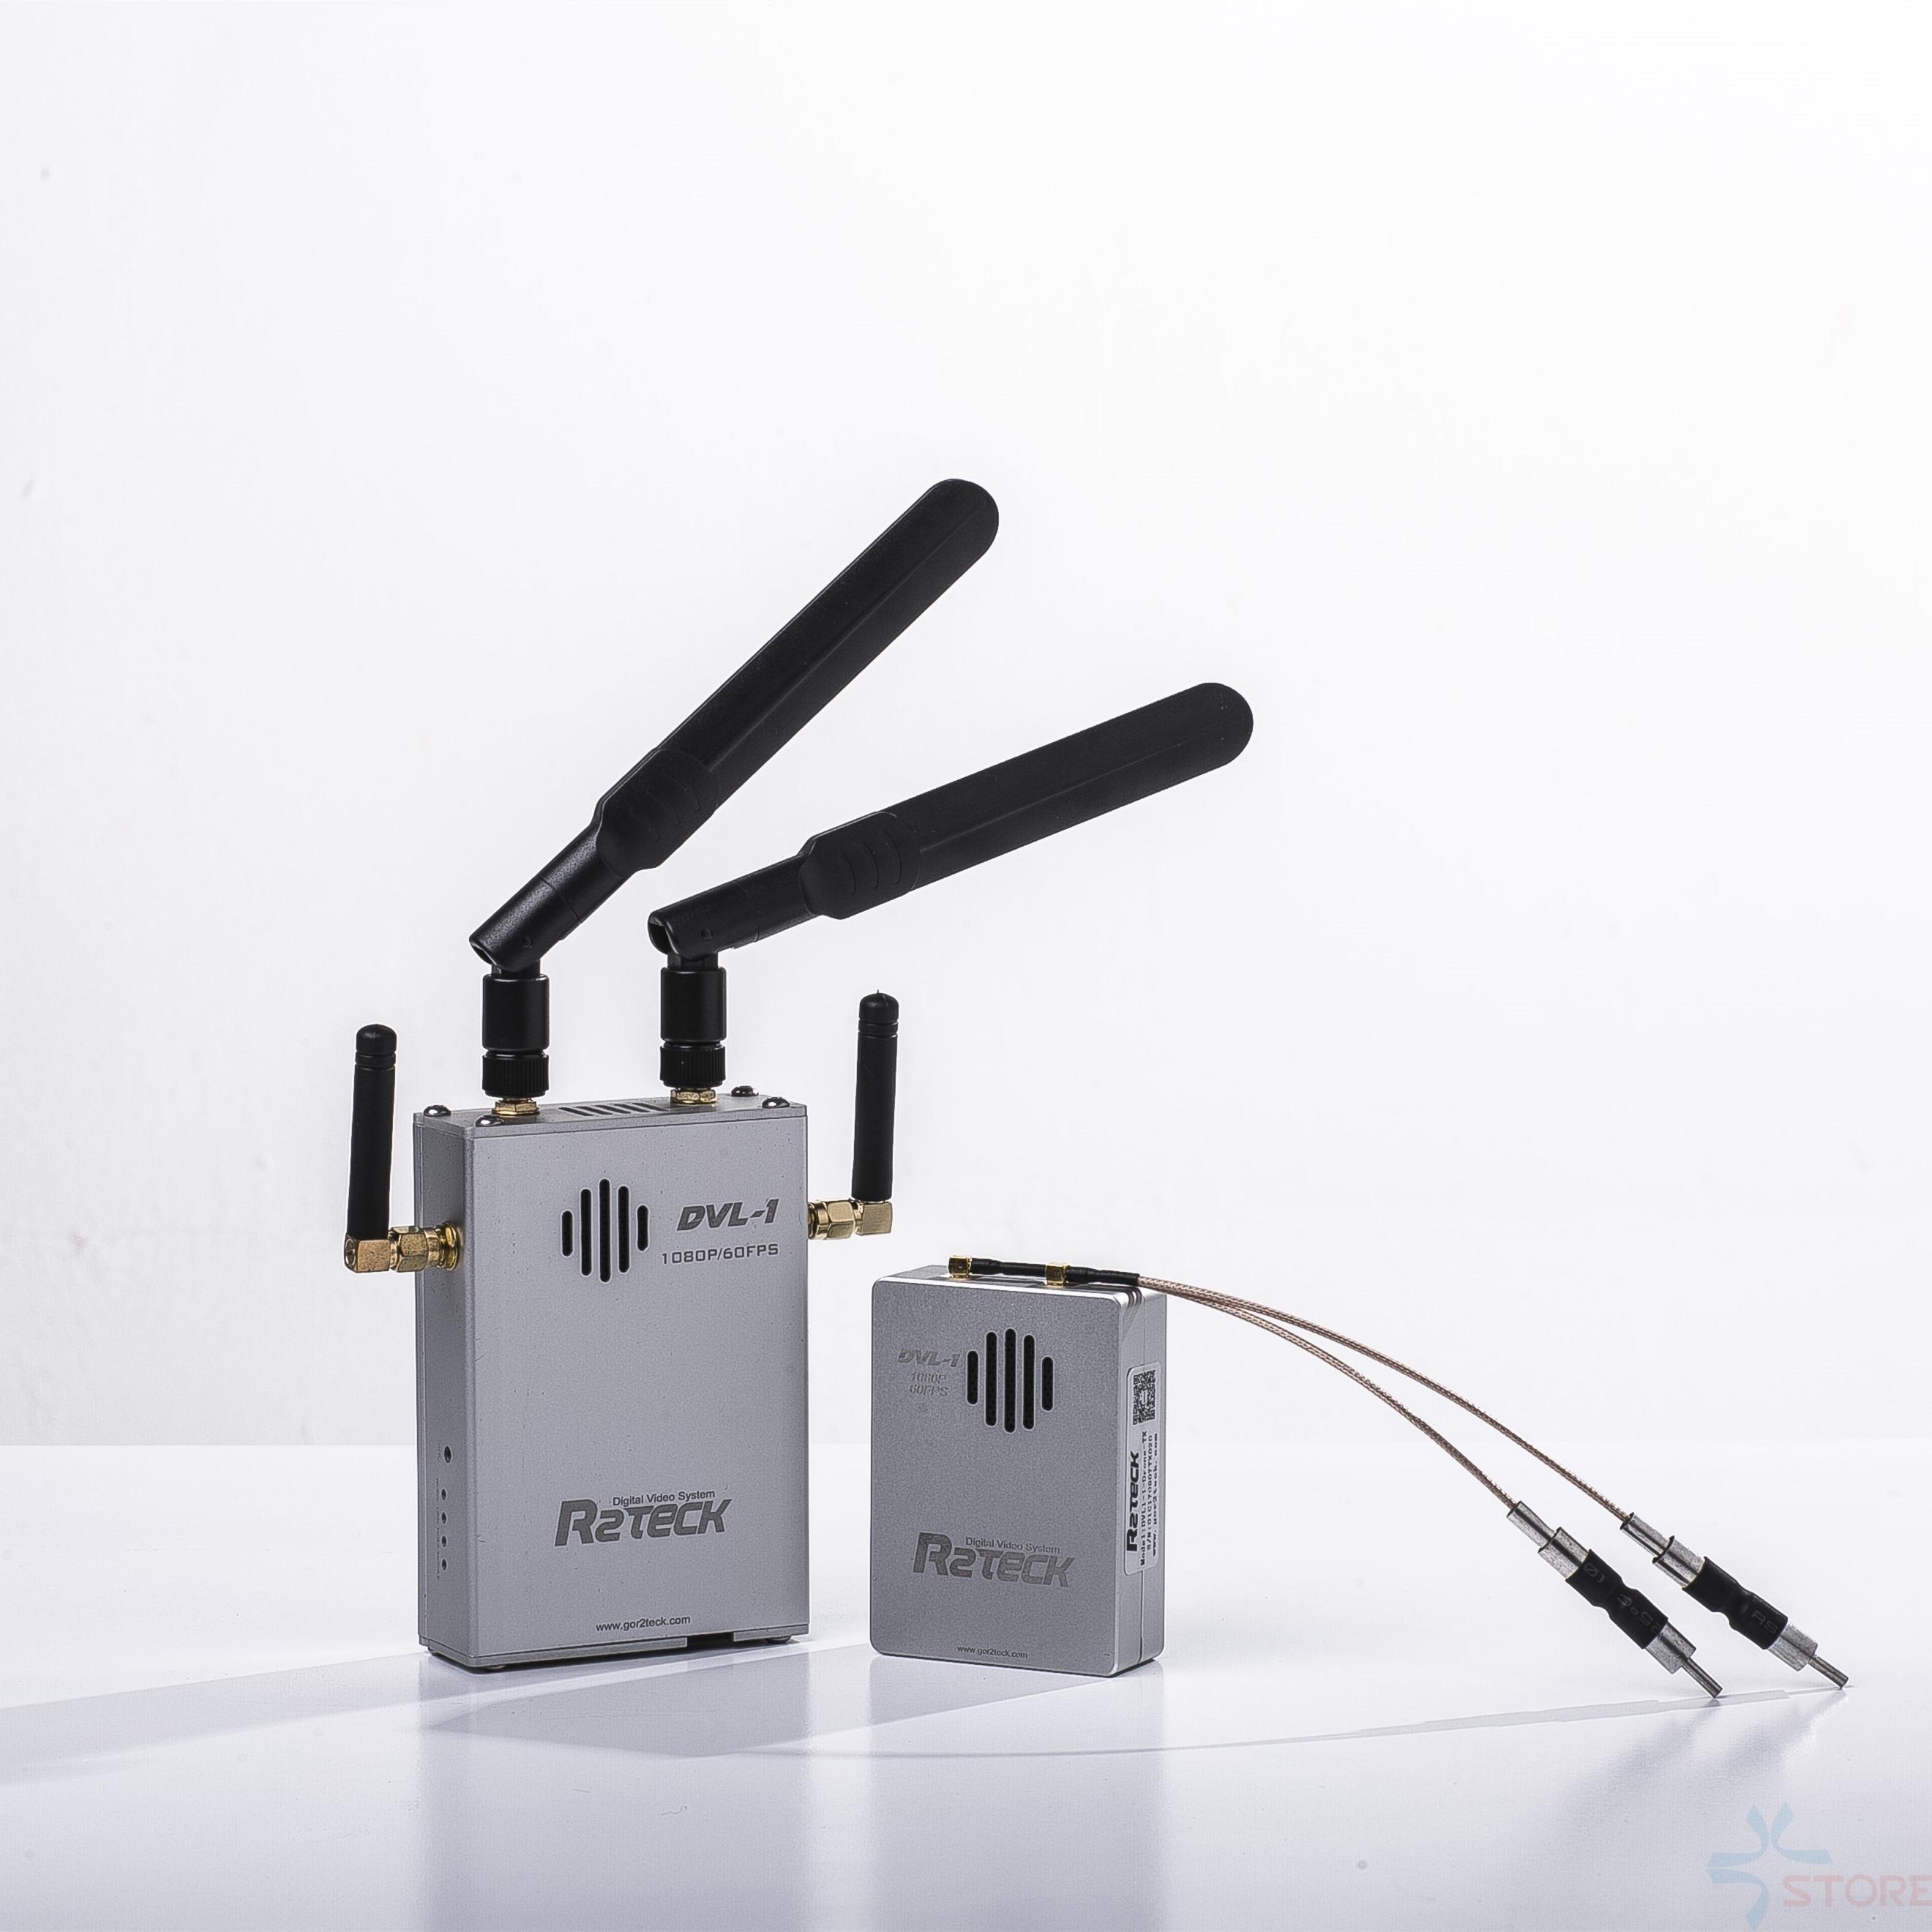 DVL1 5G HDMI цифровая система передачи видео R2Teck цифровая система передачи видео